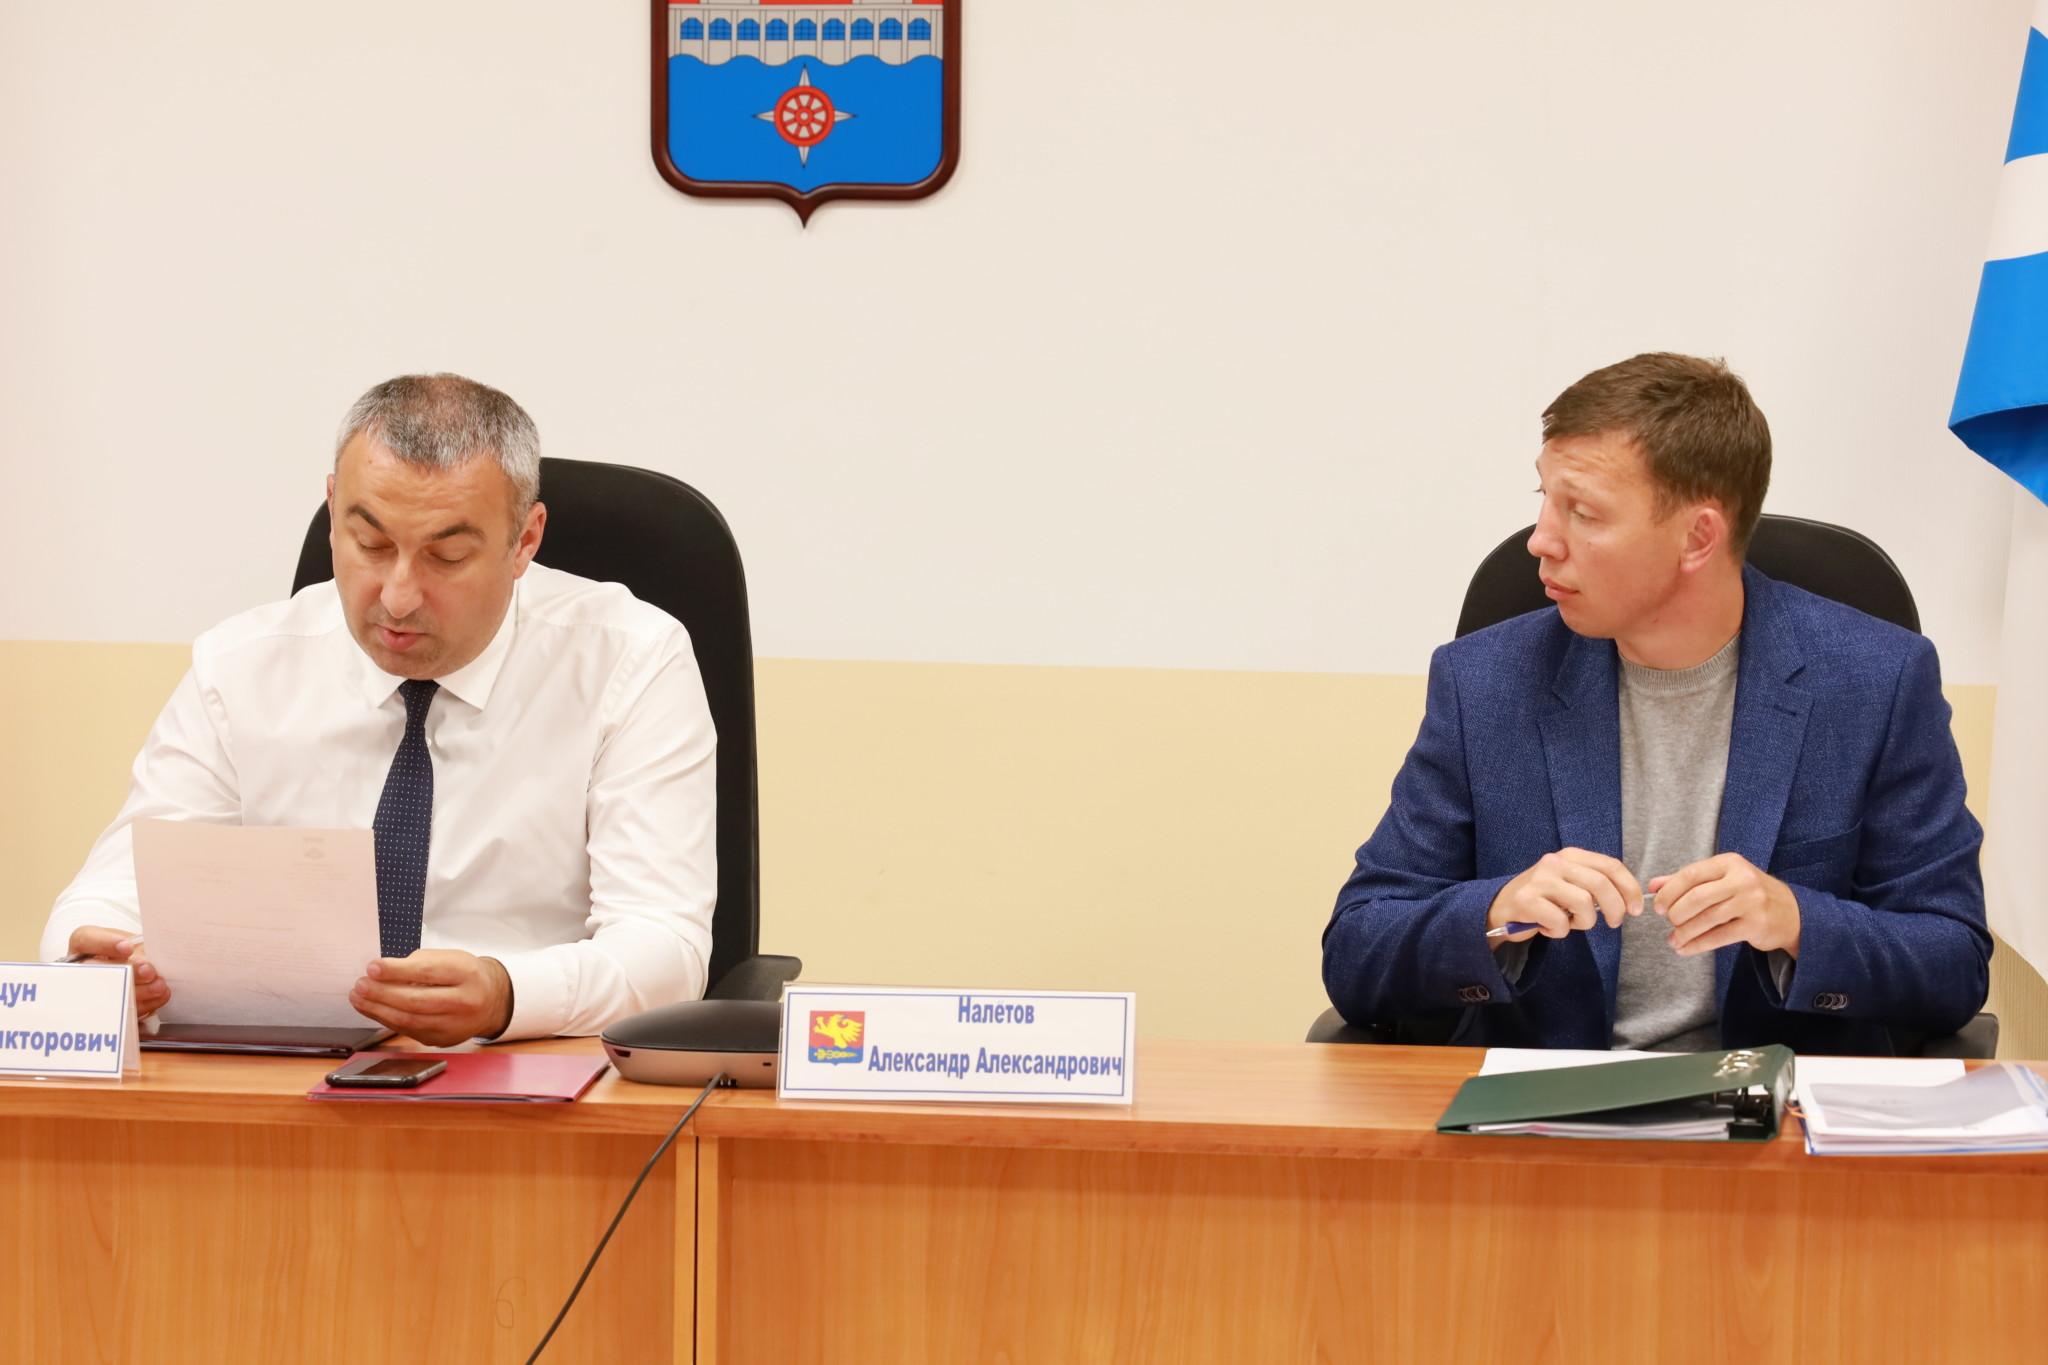 Внеочередное заседание районного Совета